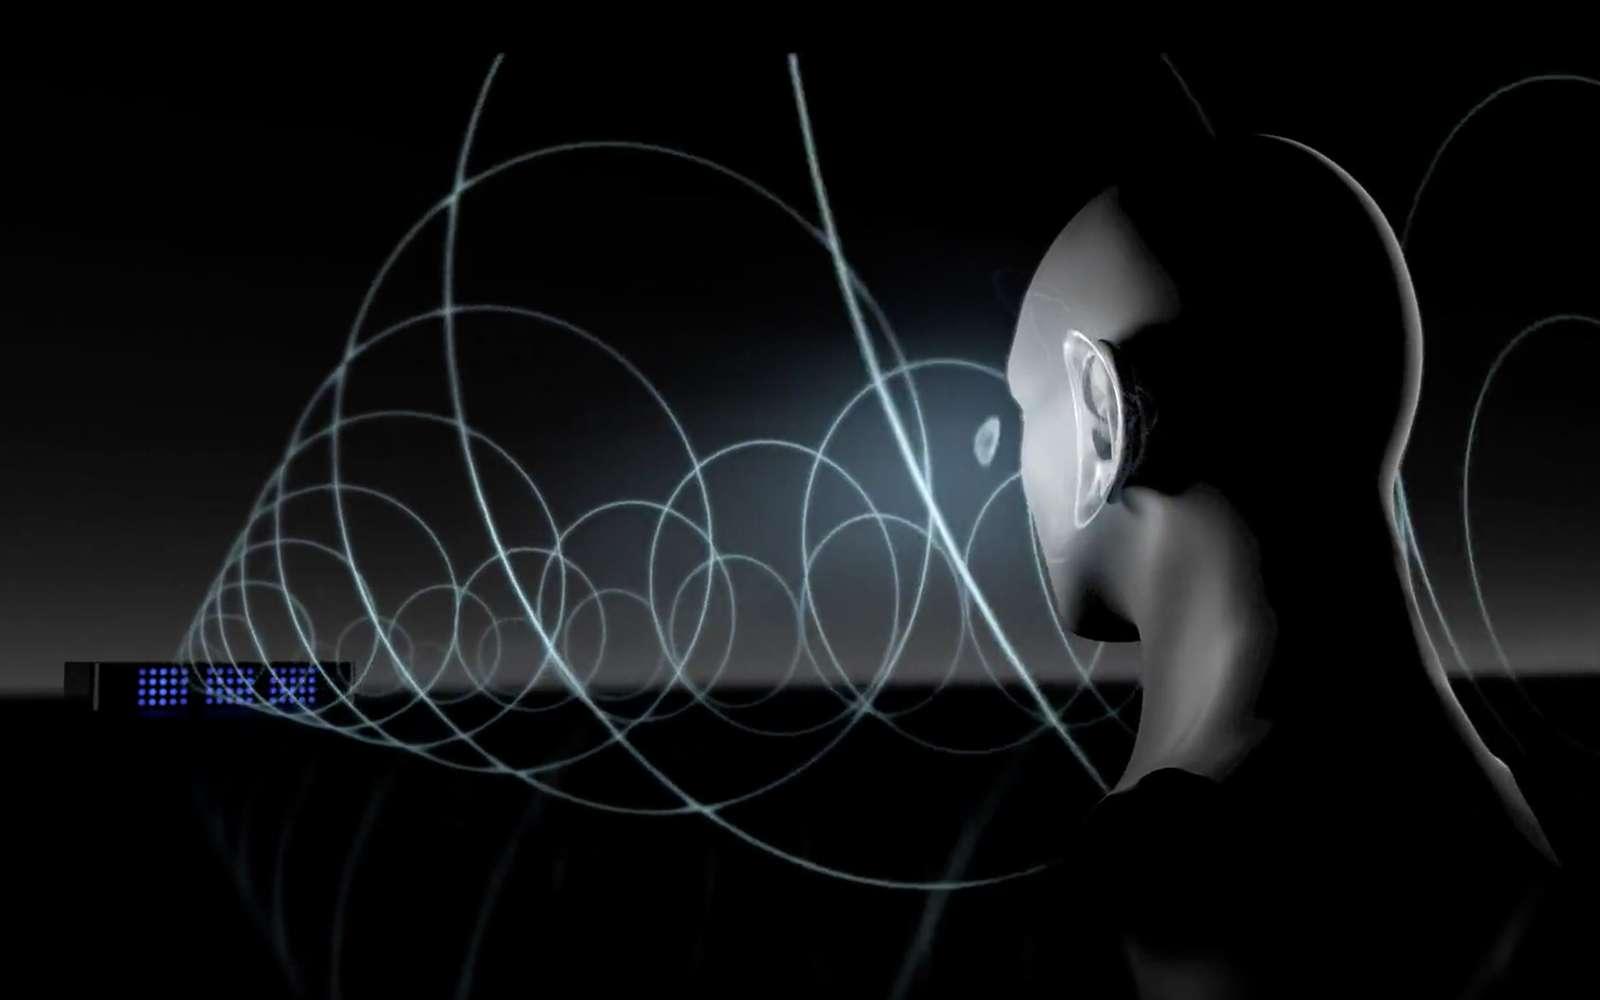 Cette technologie audio permet d'écouter de la musique sans casque, ni écouteurs, et sans déranger les personnes qui vous entourent. © Noveto Systems